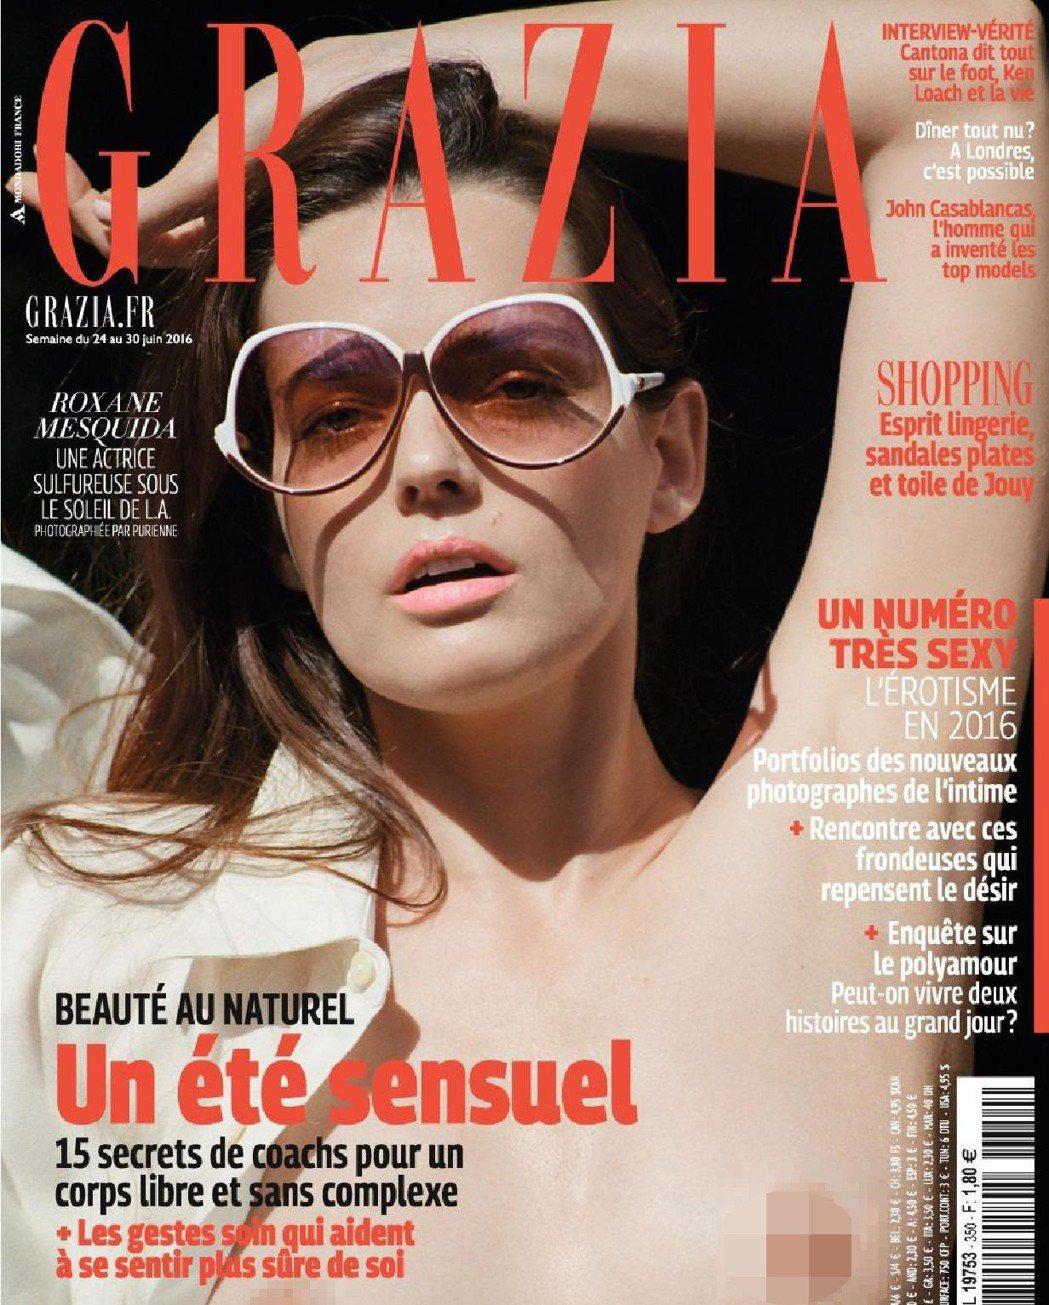 羅珊馬桂妲對裸露演出態度大方,曾經在雜誌封面上空入鏡。圖/摘自GRAZIA